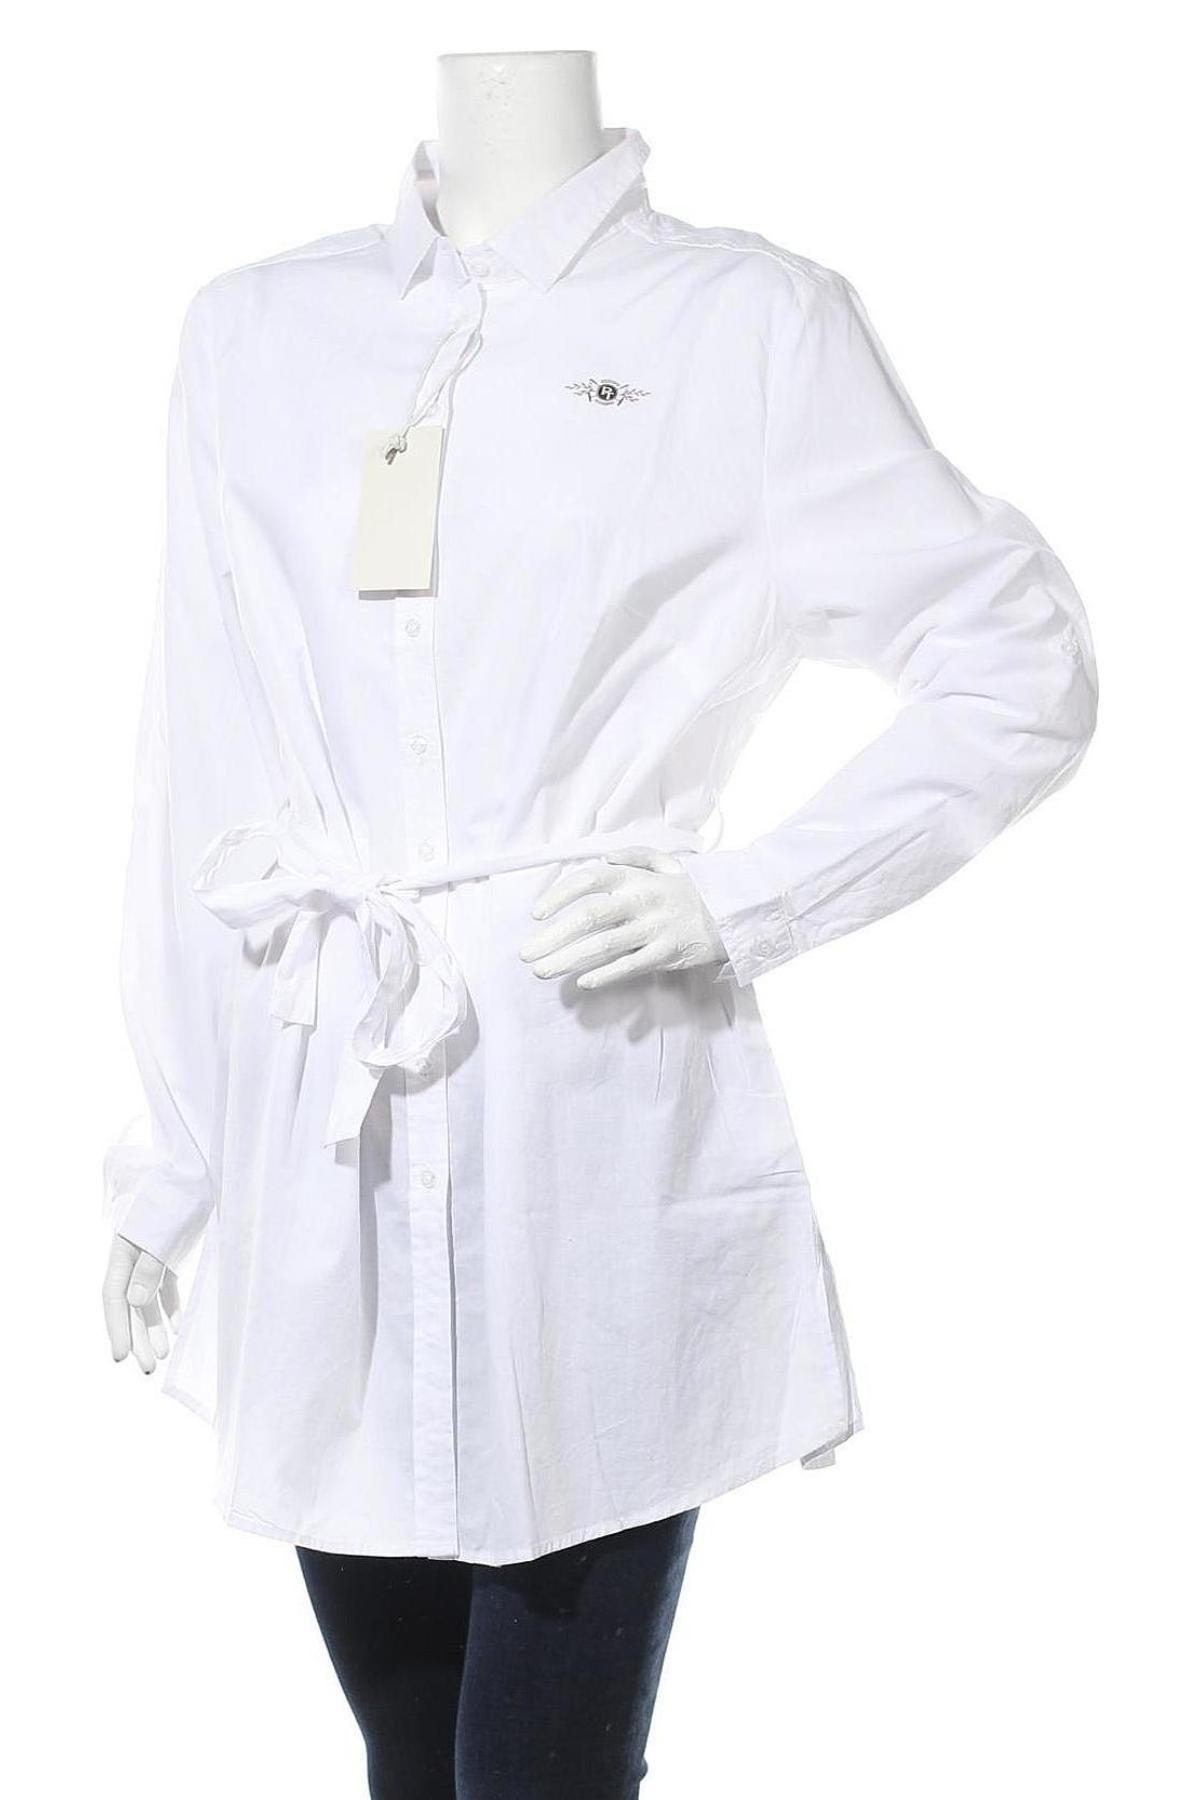 Γυναικείο πουκάμισο Tom Tailor, Μέγεθος XL, Χρώμα Λευκό, Βαμβάκι, Τιμή 53,74€